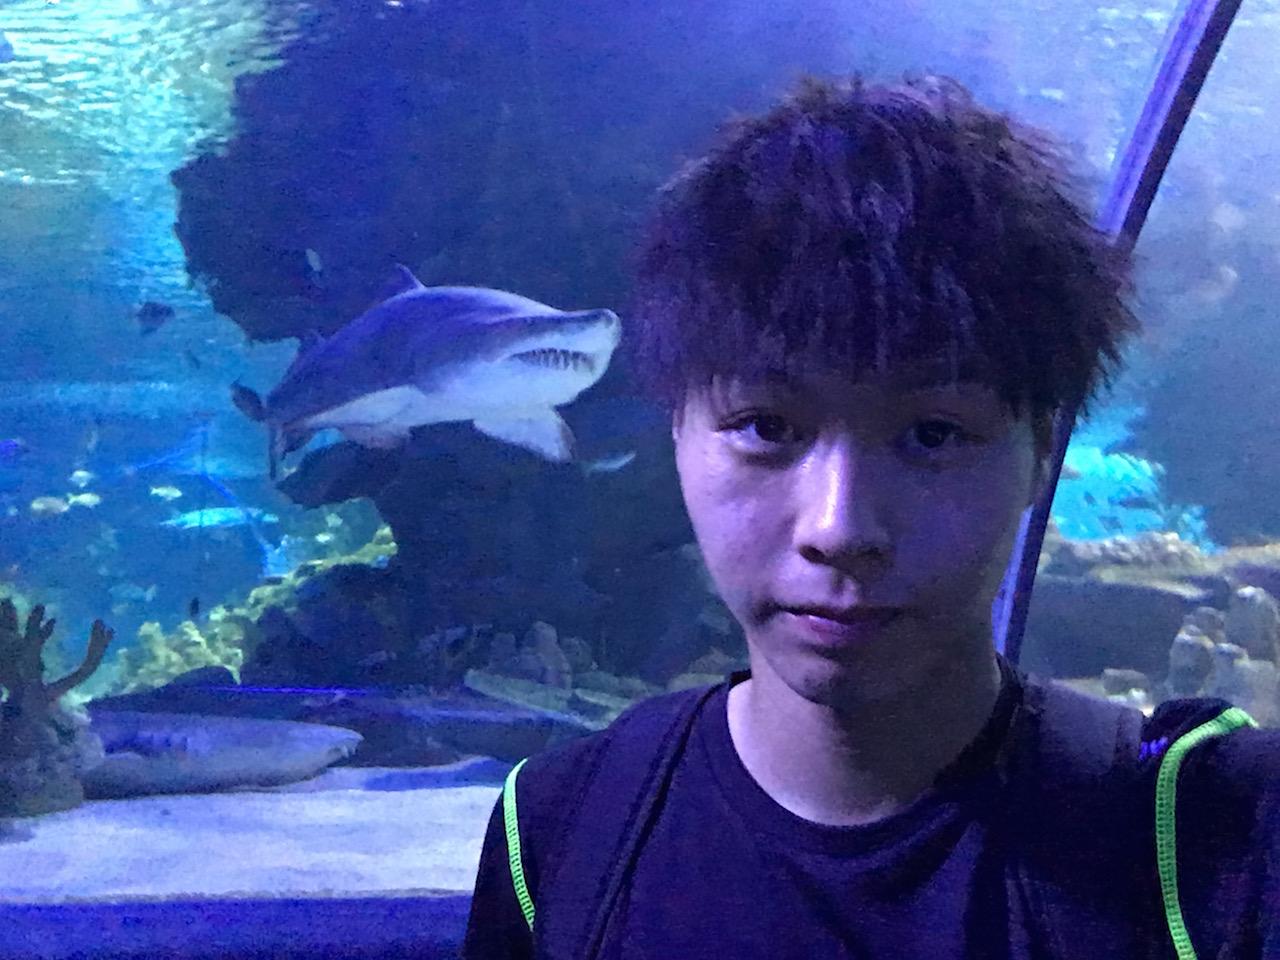 バックパッカーがマレーシアで1日に使った費用は?【11日目KLCC水族館に行く】